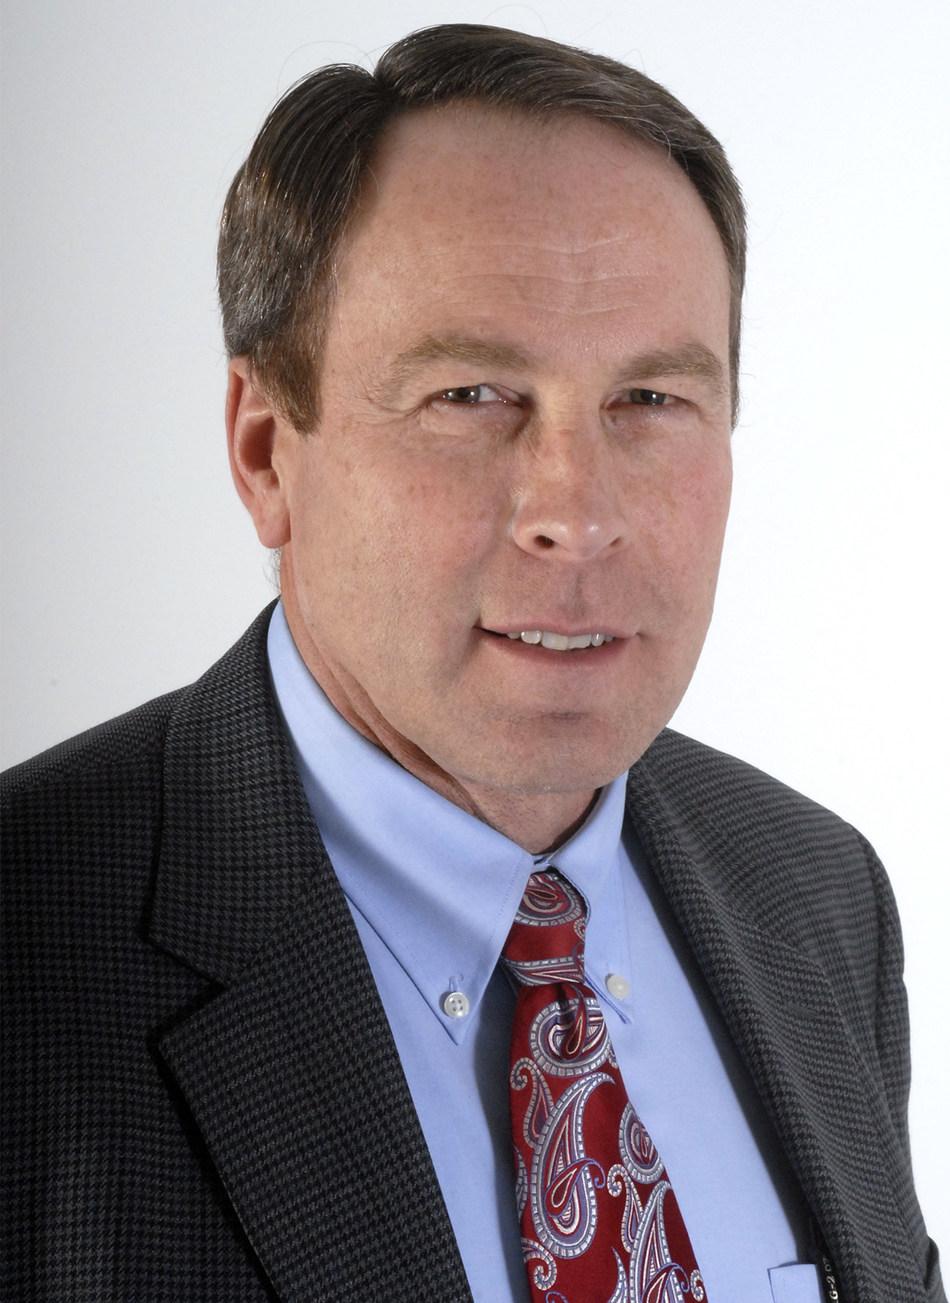 Tim Ritchey